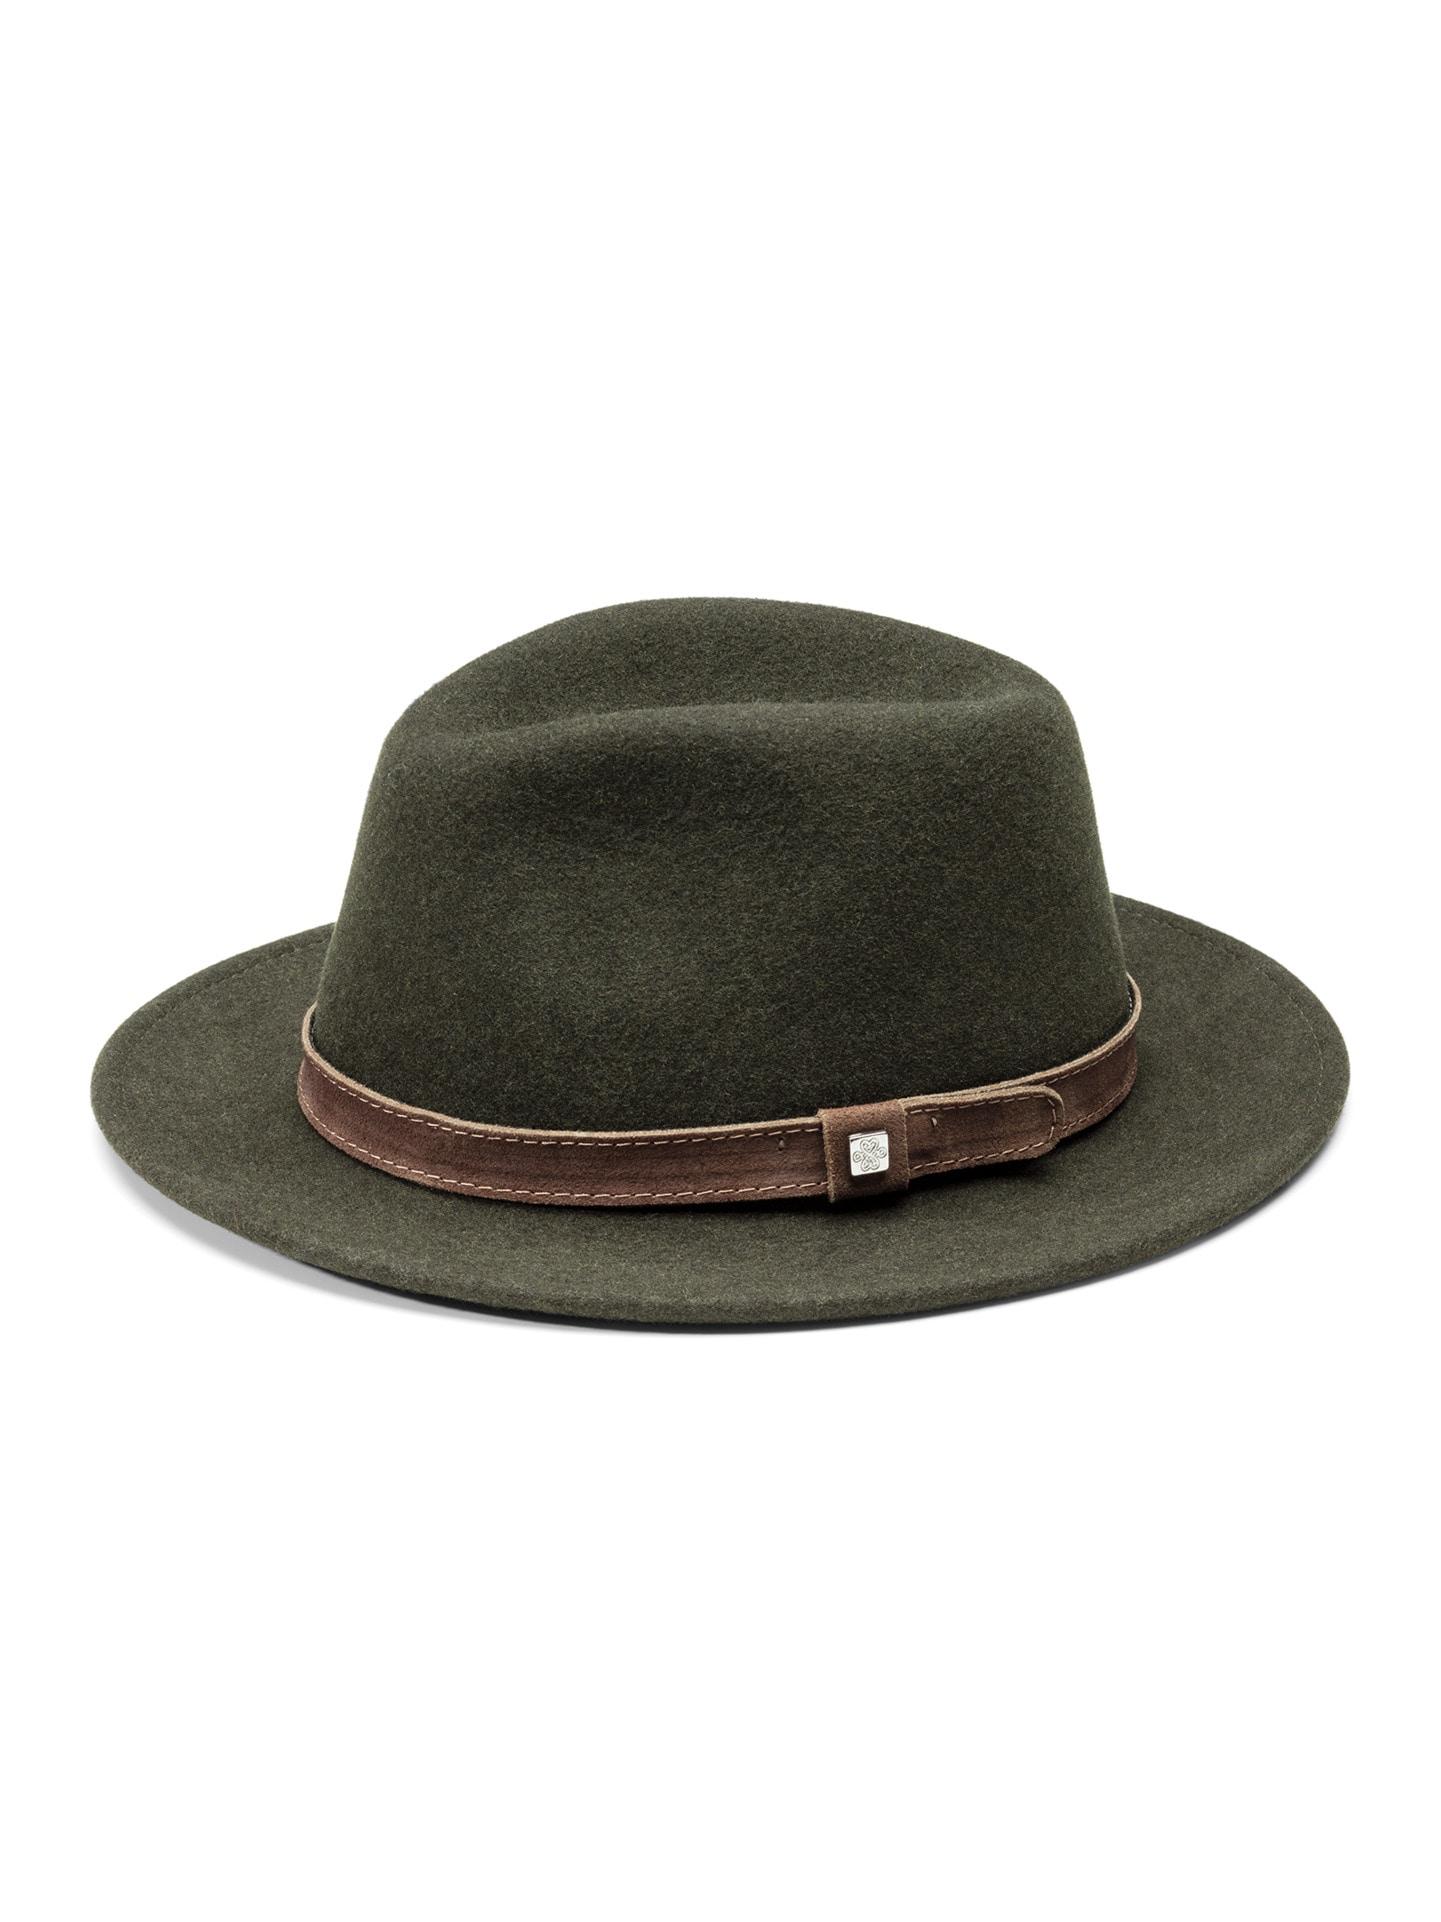 Artikel klicken und genauer betrachten! - Für kalte und nasse Tage ist er perfekt, dieser Hut aus reiner Schurwolle. Die natürlichen wasserabweisenden Eigenschaften von Wolle machen sich bei Regen und Feuchtigkeit bezahlt. Bei großer Kälte kann der innenliegende Ohrenschutz ausgeklappt werden. Auch für den Urlaub ist er ein treuer Begleiter, da der Hut auch nach geknicktem Zustand seine Ausgangsform wieder annimmt - so können Sie ihn getrost im Koffer verstauen. | im Online Shop kaufen